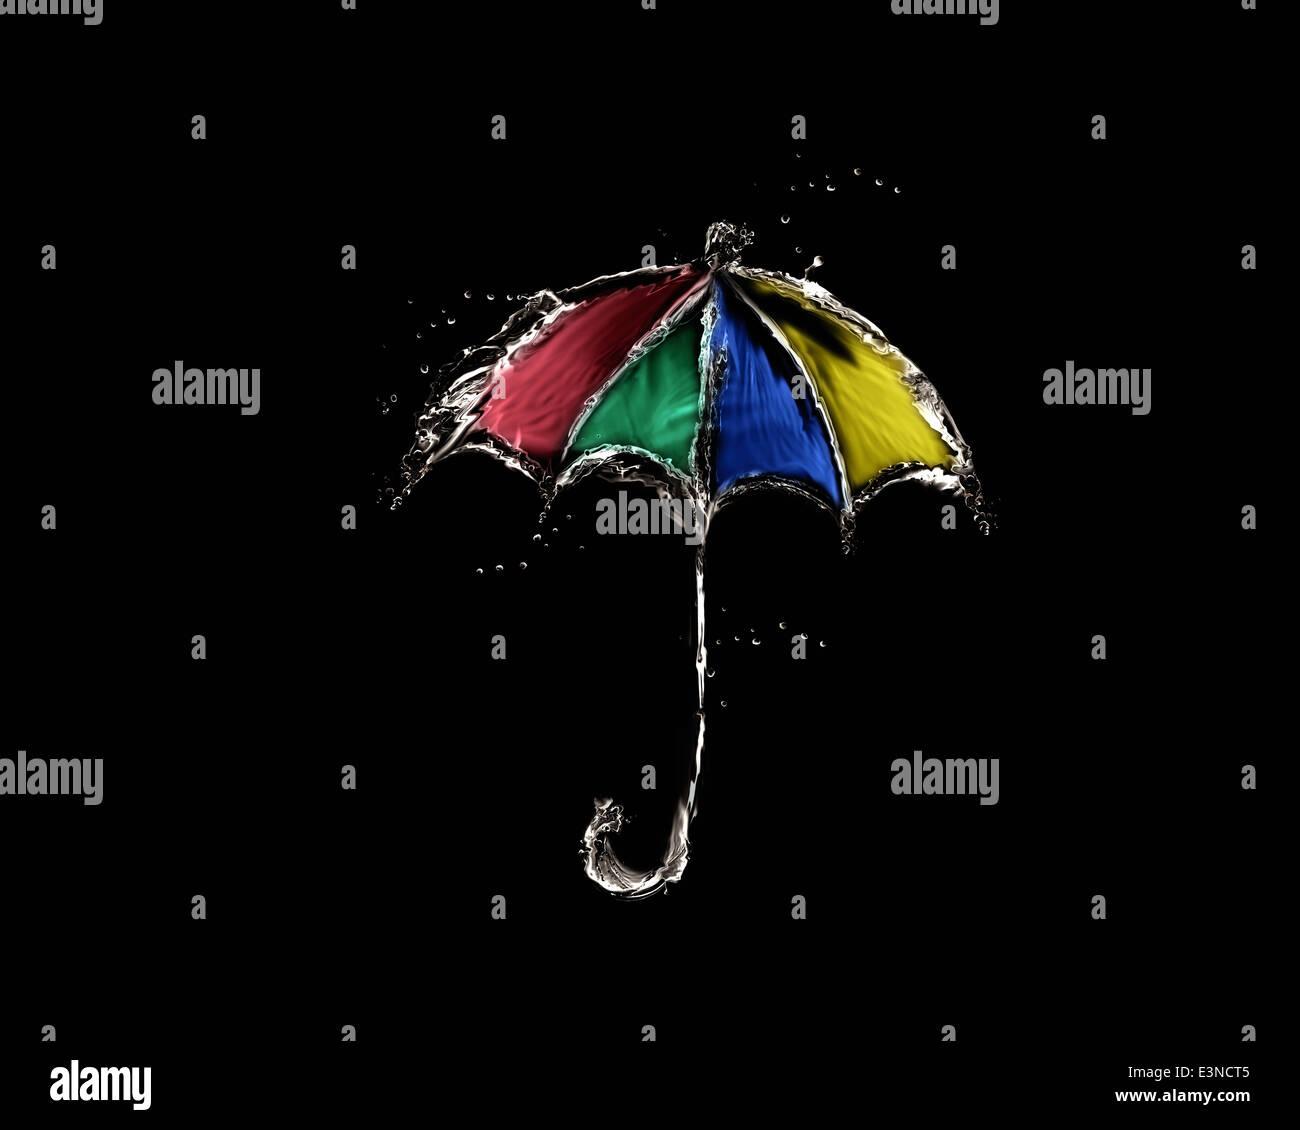 Ein farbige Schirm gefertigt von Wasser auf schwarz. Stockbild